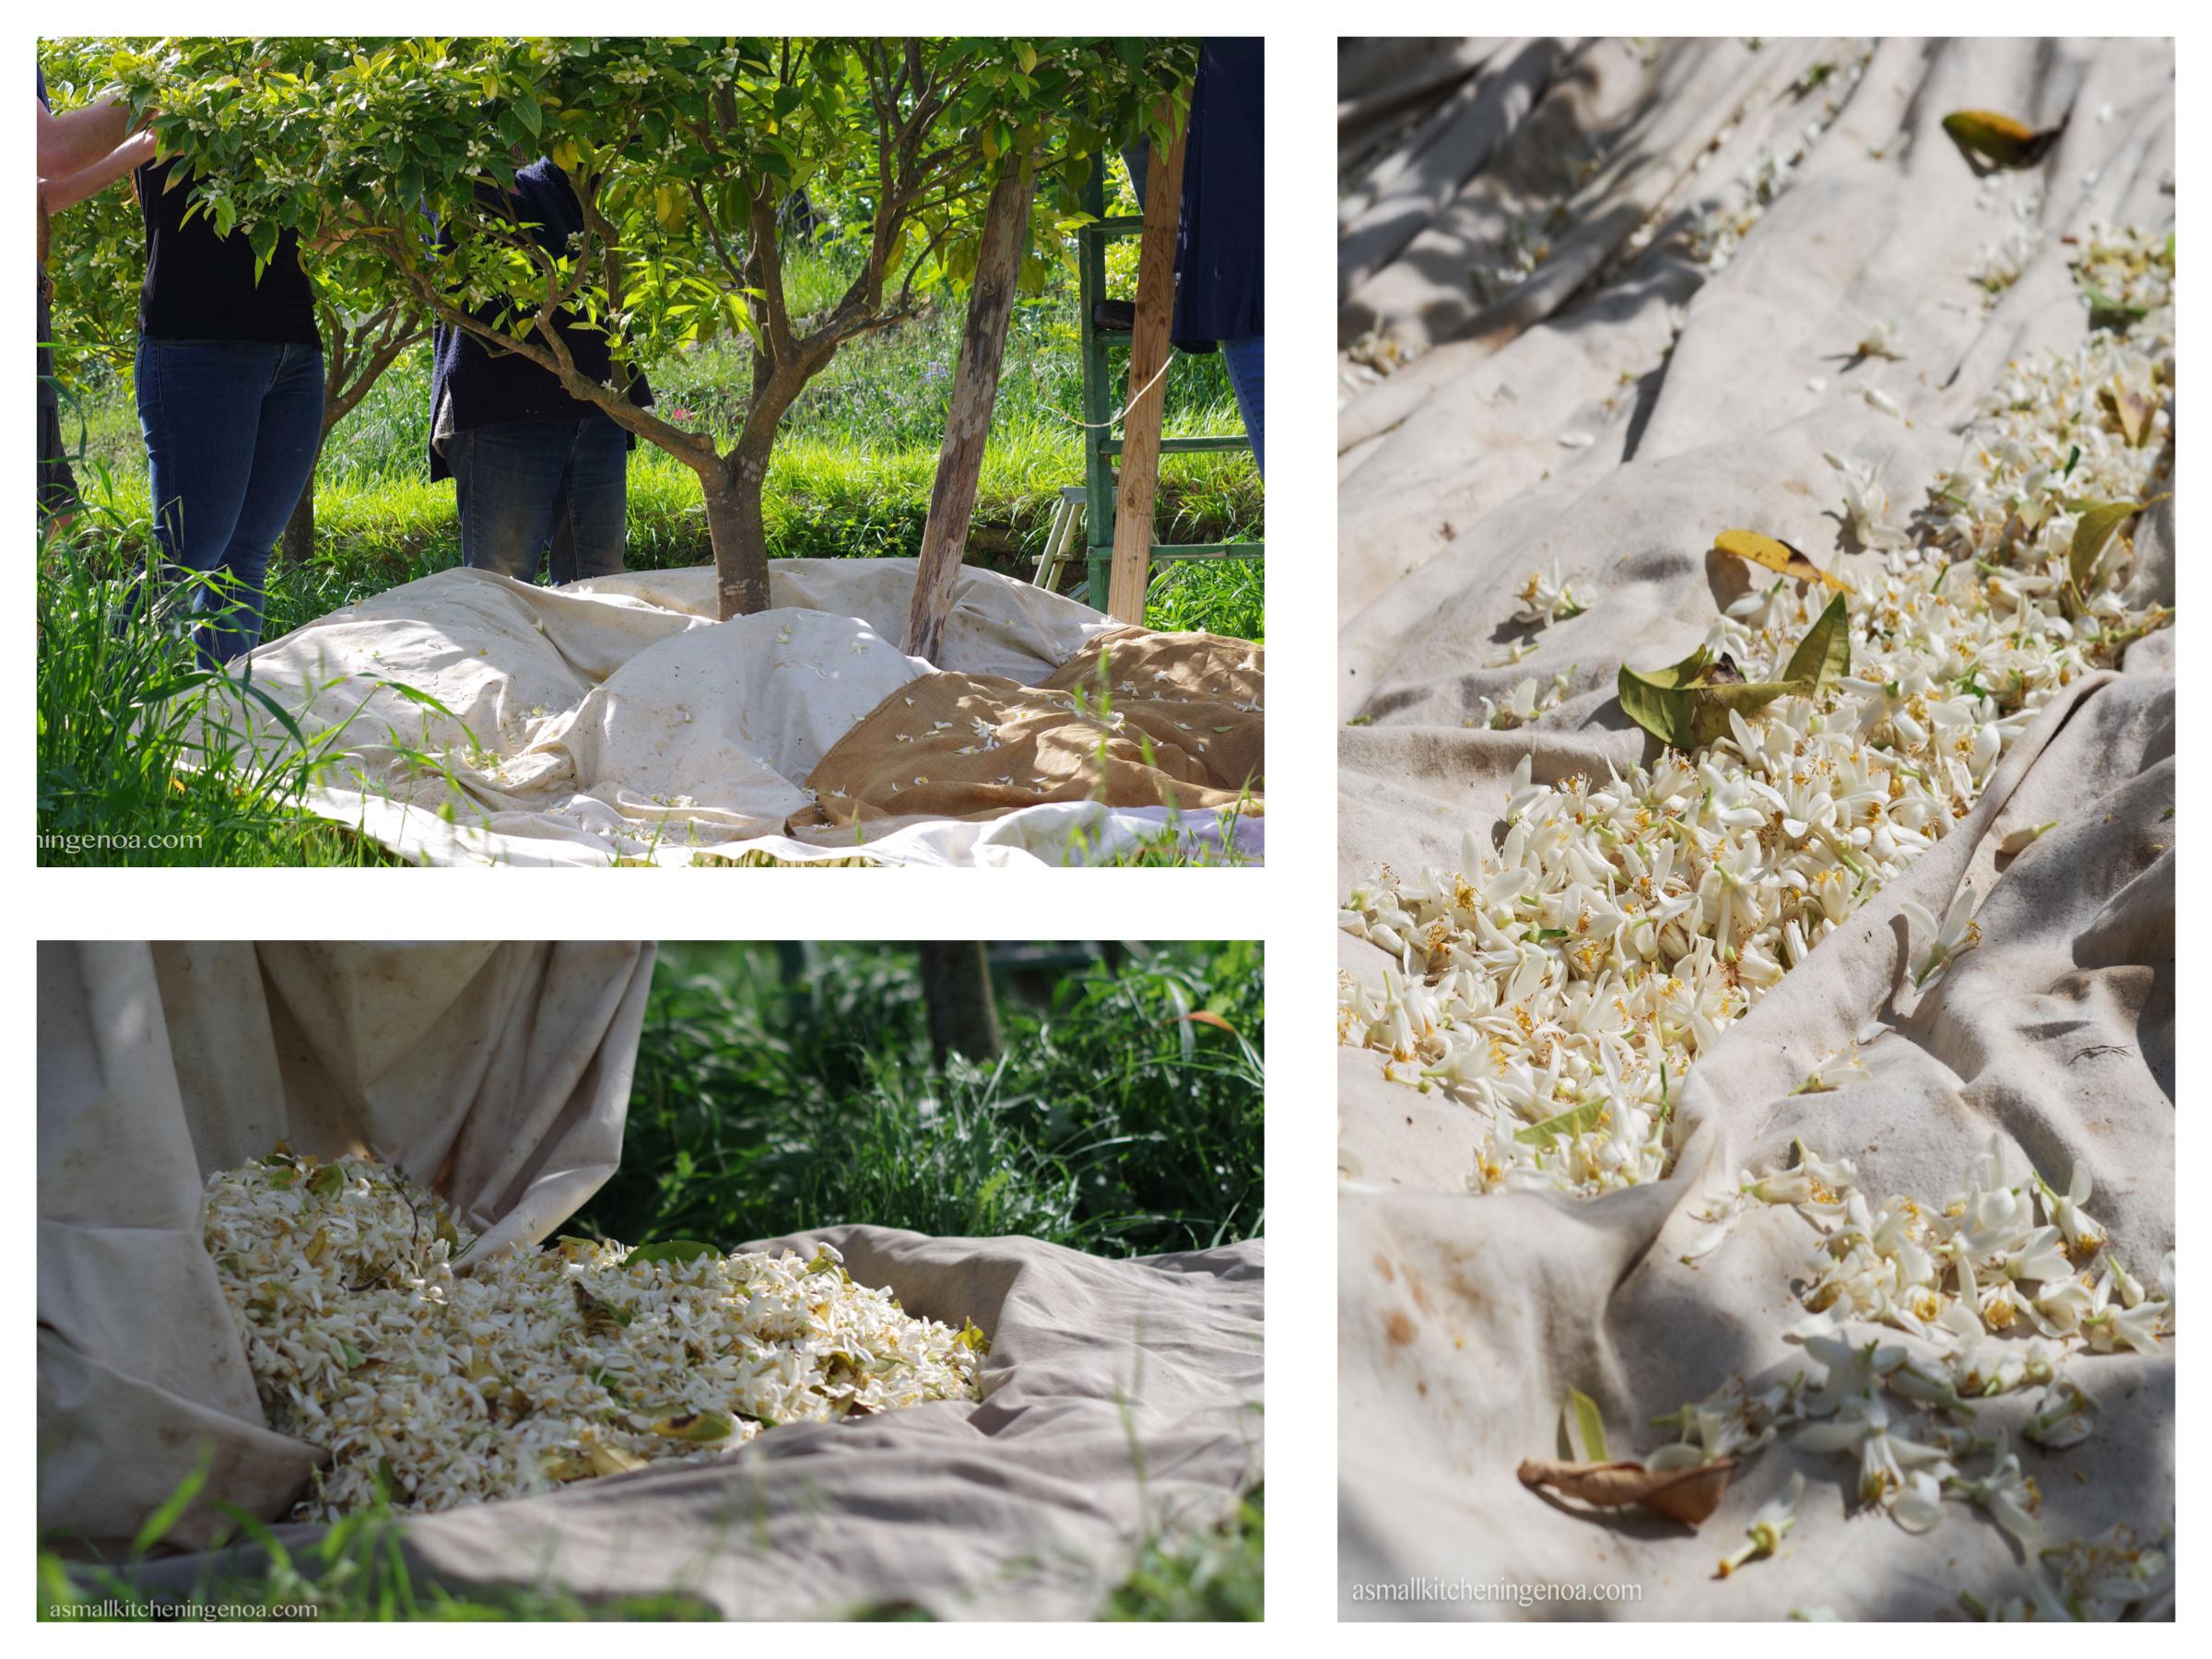 raccolta dei fiori di arancio amaro a Vallebona